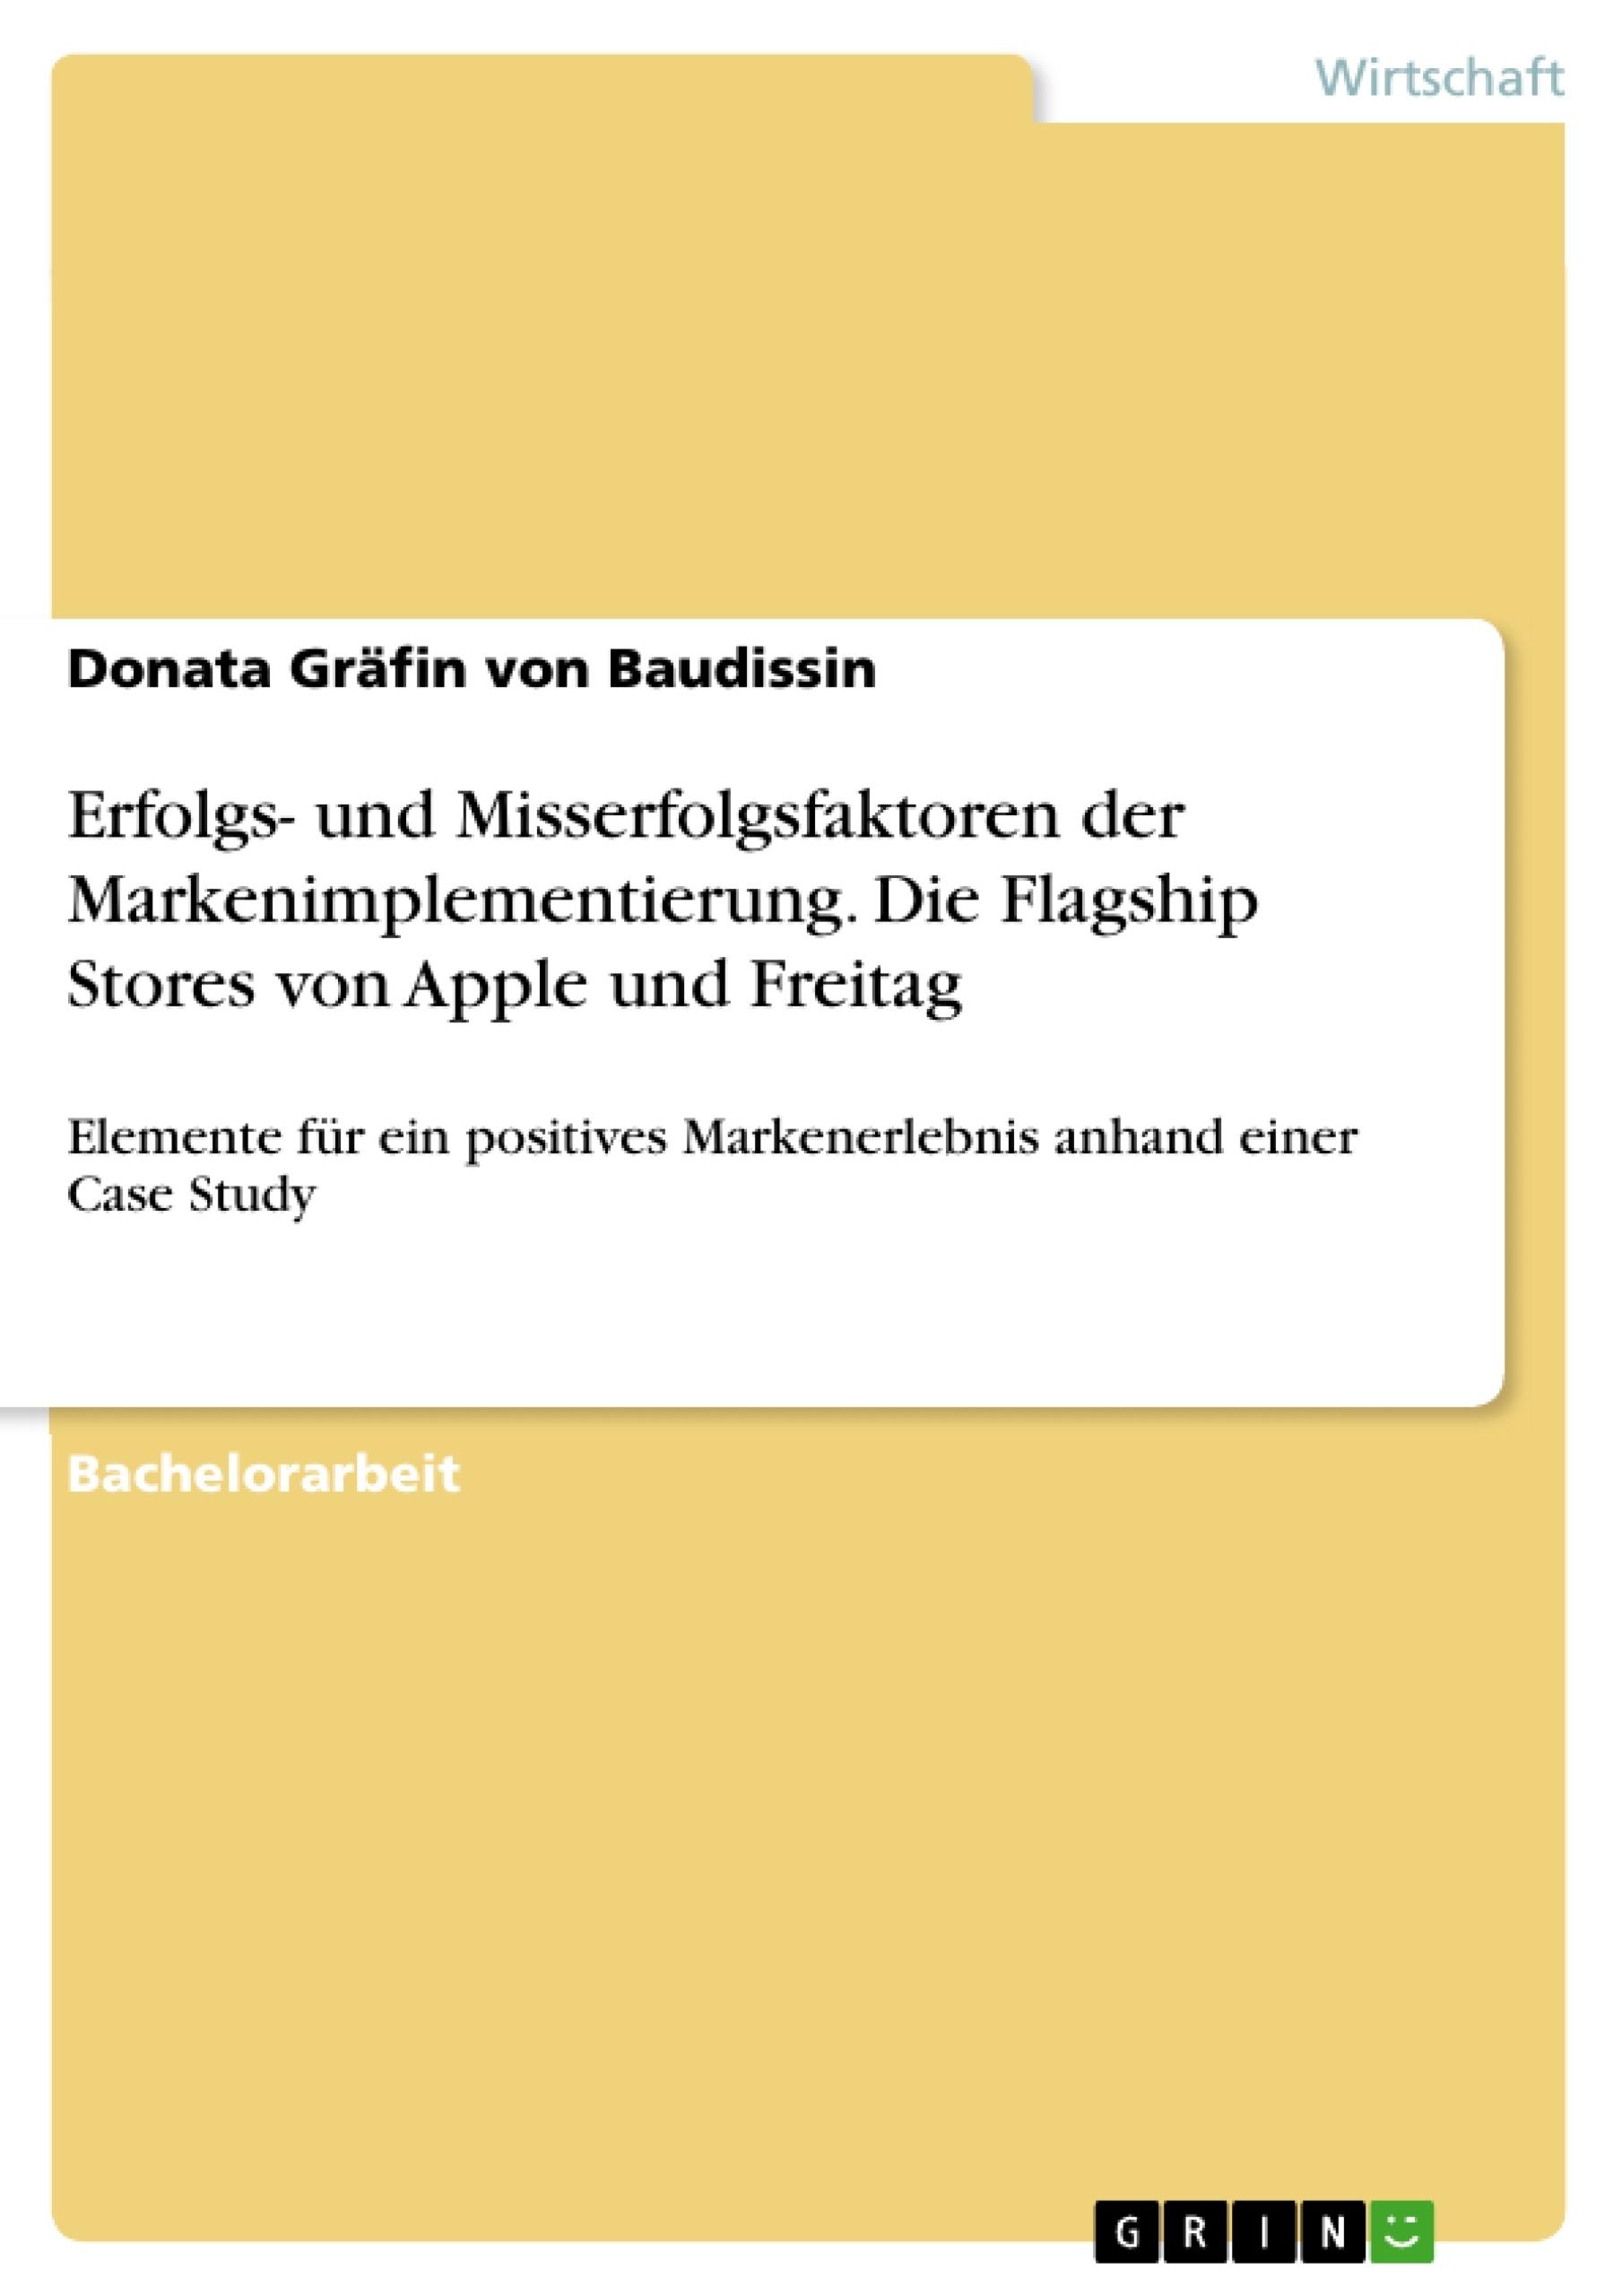 Titel: Erfolgs- und Misserfolgsfaktoren der Markenimplementierung. Die Flagship Stores von Apple und Freitag